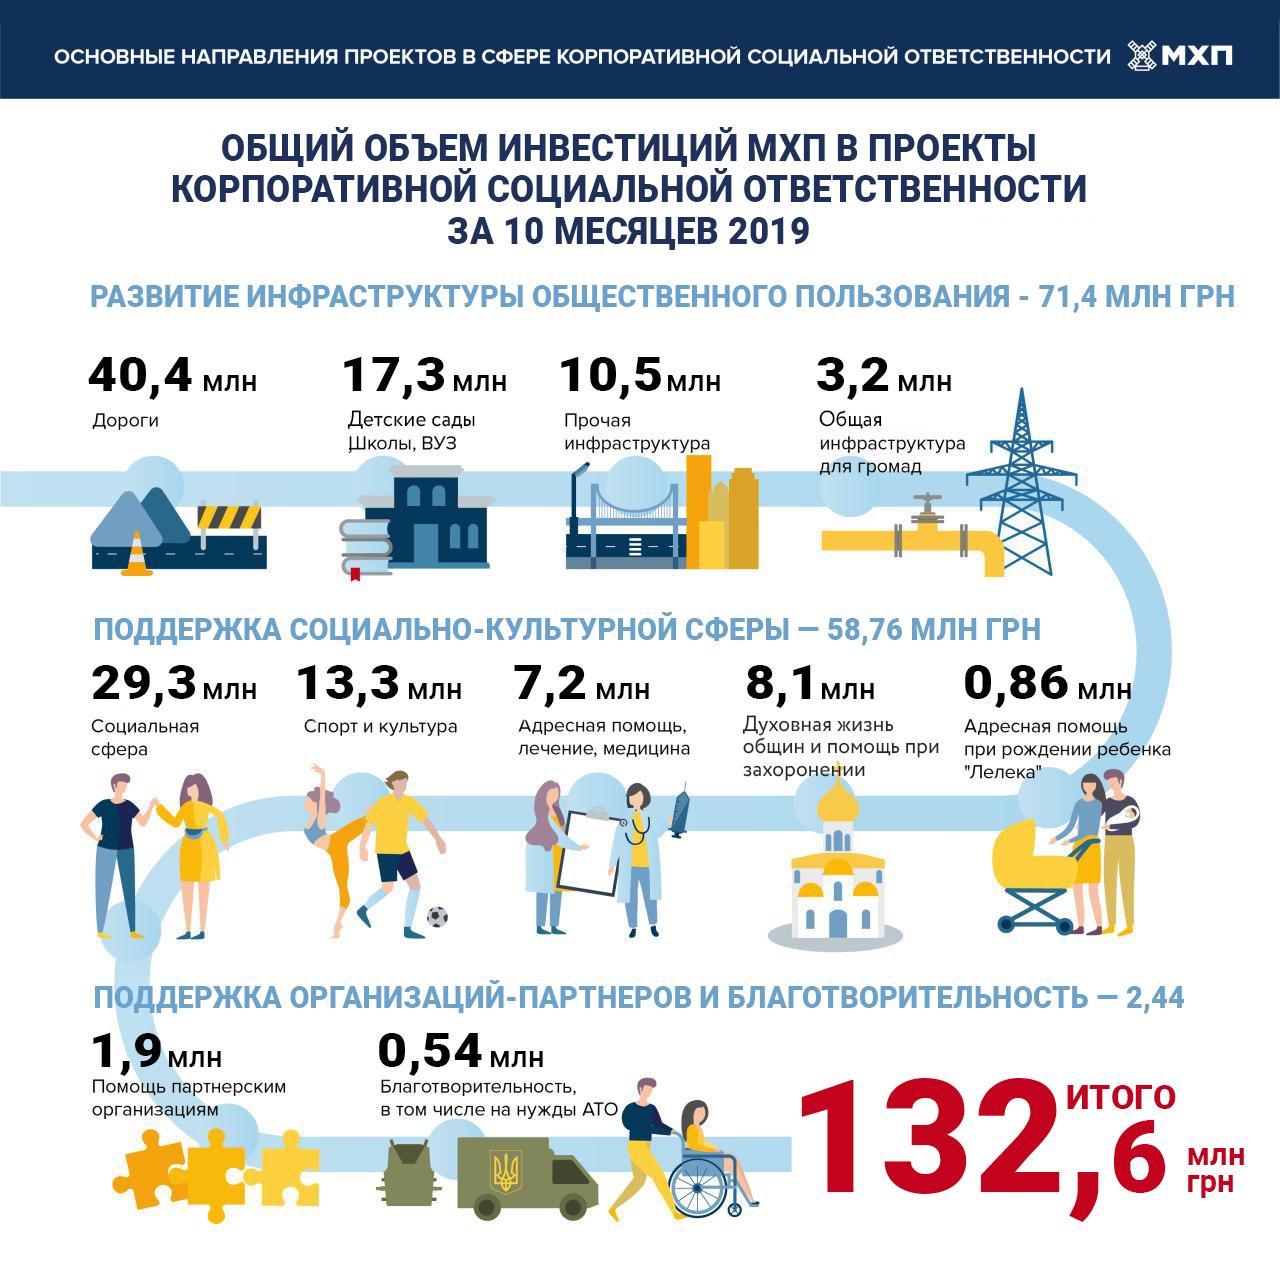 КСО-инвестиции МХП в социальные и инфраструктурные проекты общин за 10 месяцев 2019 года